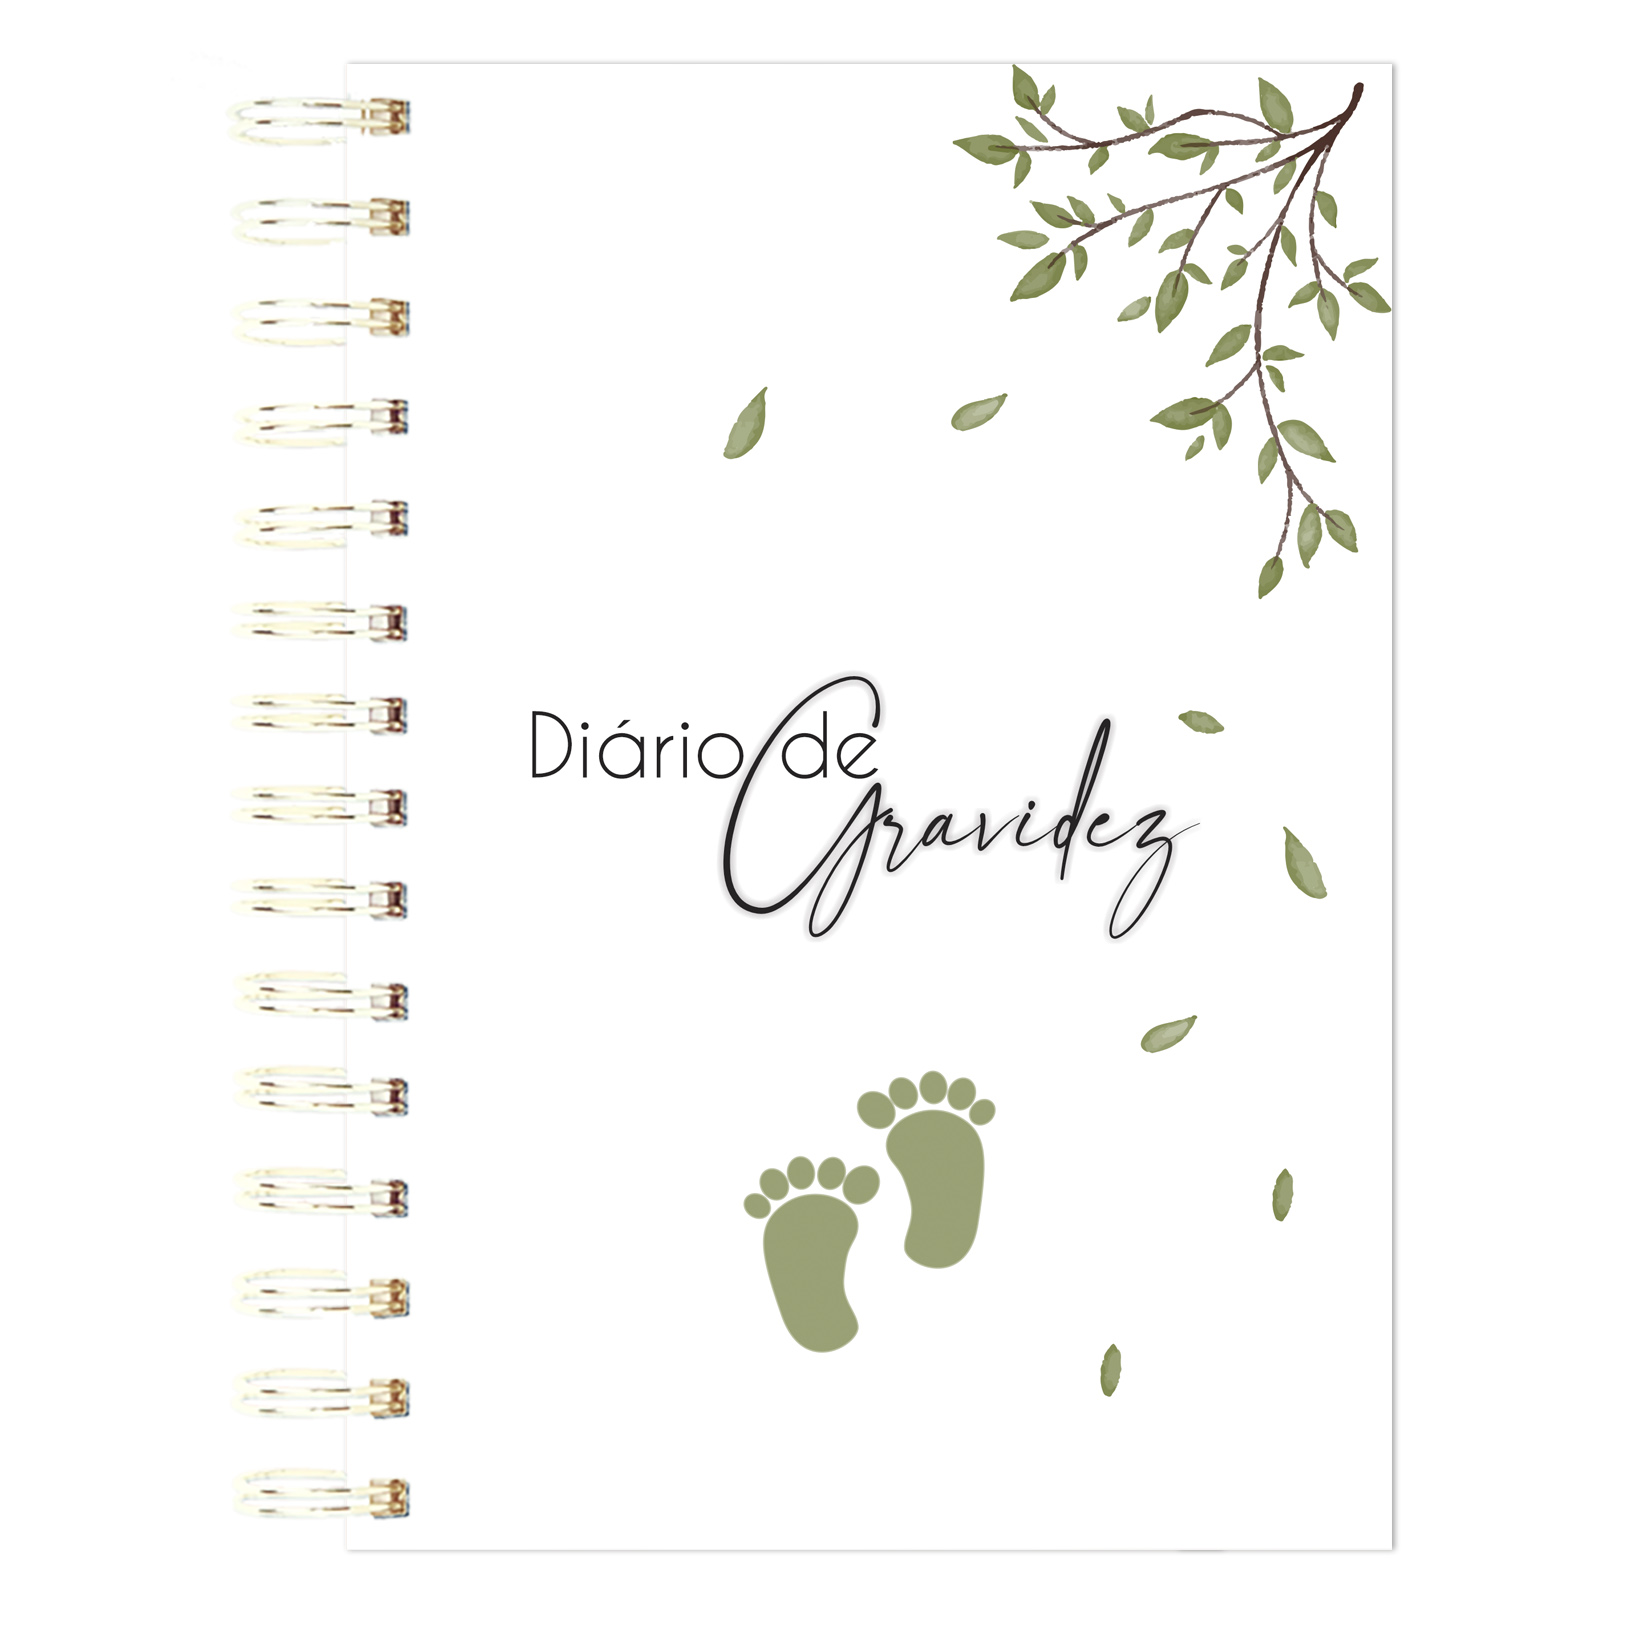 Diário de Gravidez - Meus passos